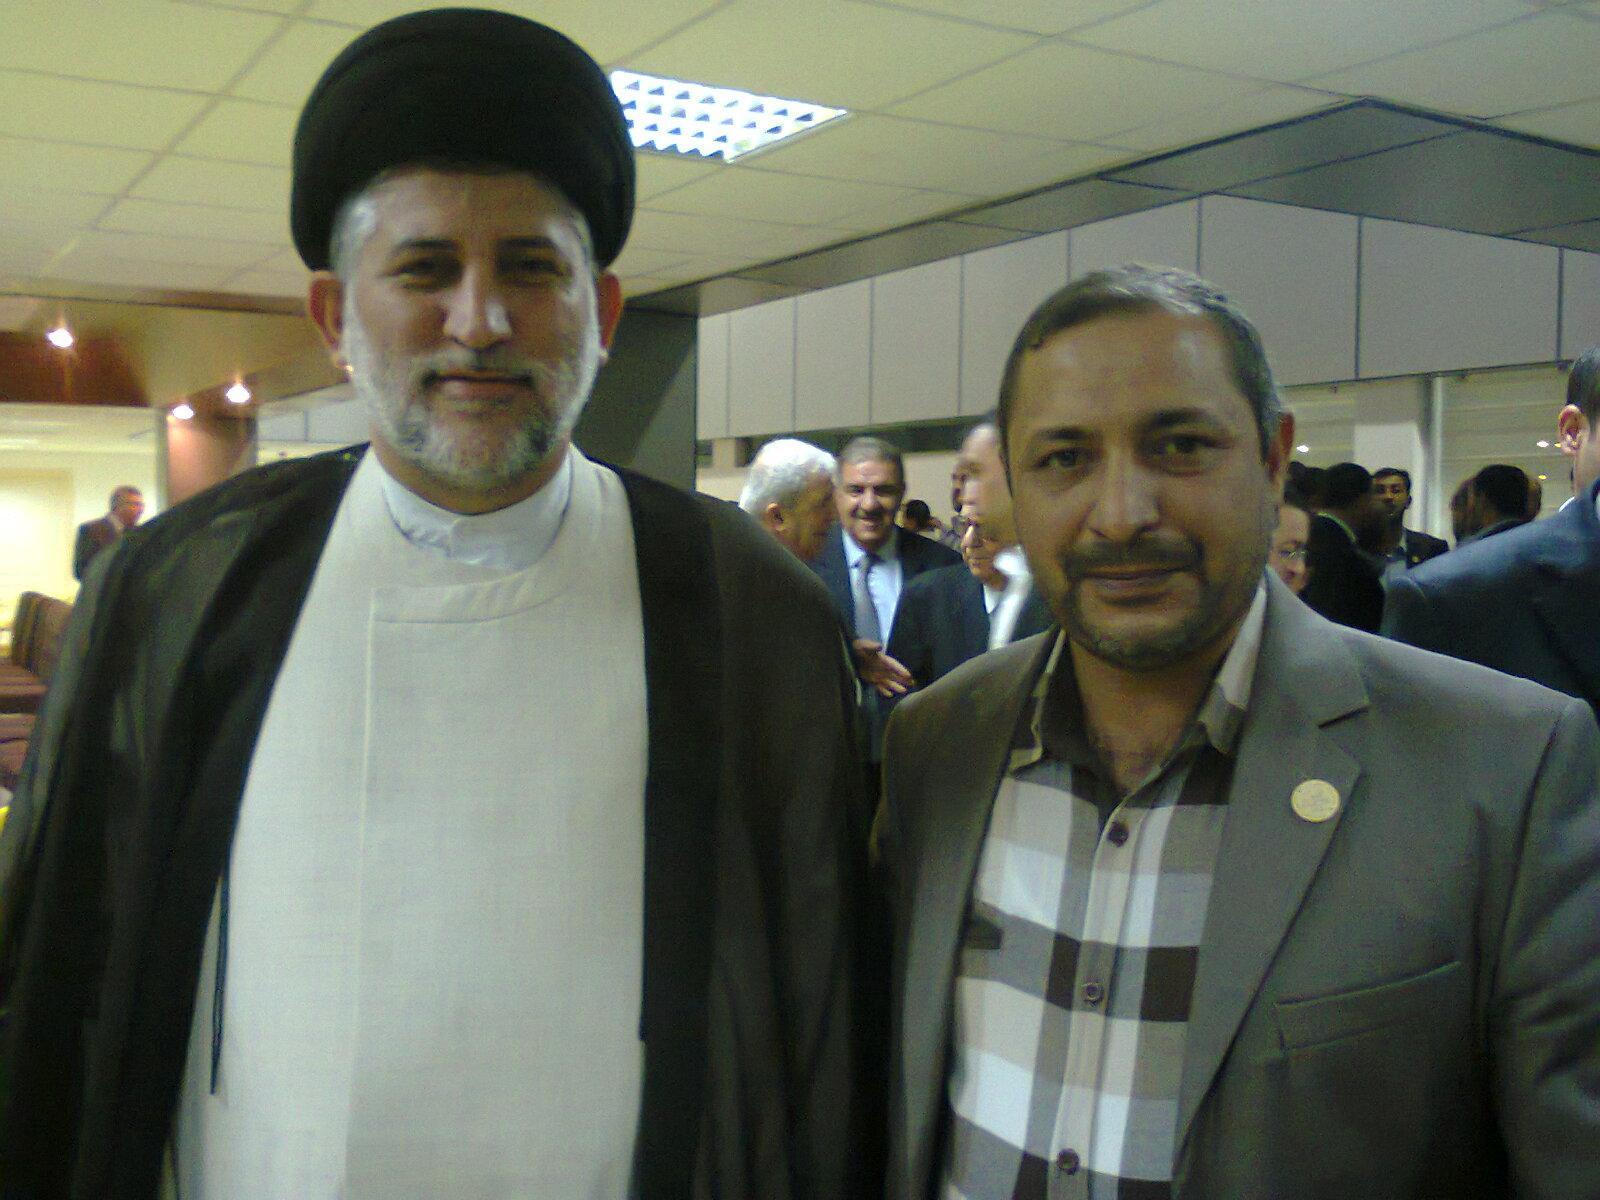 صور من مهرجان الغدير العالمي الثاني 913138450